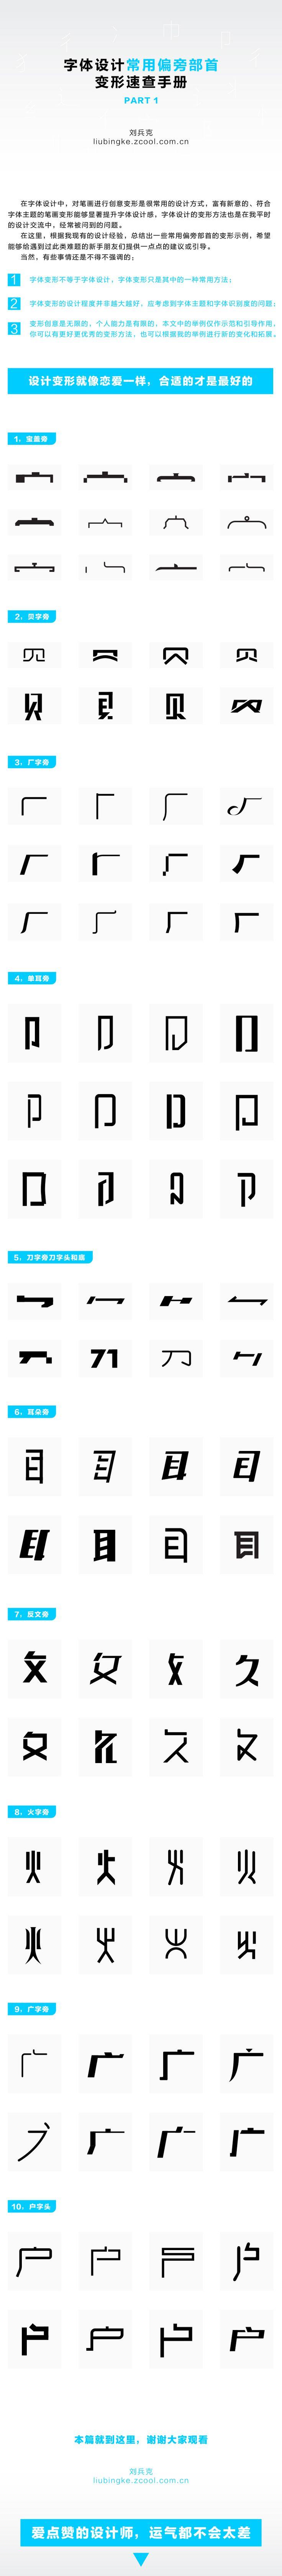 常用偏旁部首变形速查手册/1 字体 原创/自译教程 刘兵克 - 设计文章/教程分享 - 站酷 (ZCOOL)